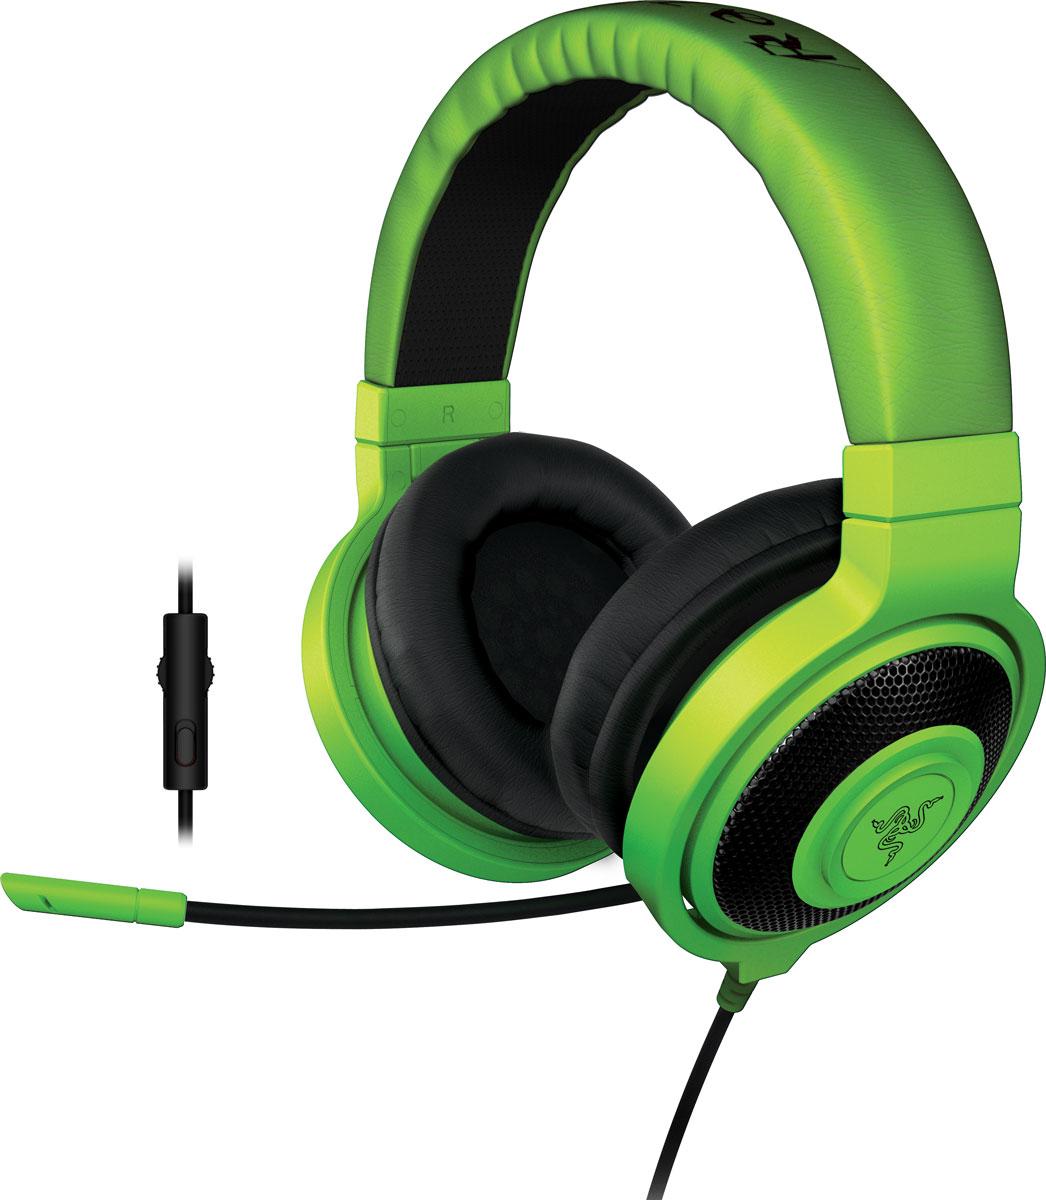 Razer Kraken Pro 2015, Green игровые наушникиRZ04-01380200-R3M1Идеальное сочетание веса, практичности и качества, Razer Kraken Pro 2015 без сомнений является самой удобной игровой гарнитурой.Помимо высокого удобства носки, Razer Kraken Pro 2015 обладает полностью выдвижным микрофоном, встроенным колесиком регулировки громкости и кнопкой отключения микрофона, что максимально облегчает ее использование. Благодаря высококачественным динамикам большого размера эта полноразмерная гарнитура обеспечивает захватывающий игровой звук в течение многих часов. Разделительный кабель для комбинированного разъема на 3,5 мм обеспечивает поддержку микрофона на мобильных устройствах, а также возможность полноценного подключения к вашим игровым устройствам. Поэтому где бы вы не находились, вам никогда не придется менять гарнитуры.Игровая гарнитура Razer Kraken Pro, как и Razer Electra, была протестирована профессиональными геймерами и спортсменами, чтобы мы могли подобрать оптимальный вес для долгих игровых сессий и максимально комфортного использования ее в дороге.Гарнитура Razer Kraken Pro оснащена встроенным пультом управления, с которым вы сможете регулировать уровень громкости и отключать микрофон без необходимости использования внешних приложений. Полностью выдвижной микрофон выдвигается из левой чашки наушников в любой момент, и его гибкая конструкция позволяет вам свободно регулировать его положение, когда это необходимо. Он всегда под рукой и когда вы отдаете стратегические приказы в игре, и когда вы звоните друзьям.Гарнитура Razer Kraken Pro снабжена большими 40 мм динамиками с неодимовыми магнитами, для кристально чистого звучание музыки в высоких и средних диапазонах частот с сочными глубокими басами. Закрытая конструкция наушников создает идеальную звукоизоляцию и позволяют полностью сосредоточиться на игре или разговоре, не отвлекаясь на посторонние звуки.Микрофон:Гибкий, выдвижной, полностью убирается в чашку наушниковЧастотные характеристики: 100-10000 ГцСоотношение сиг